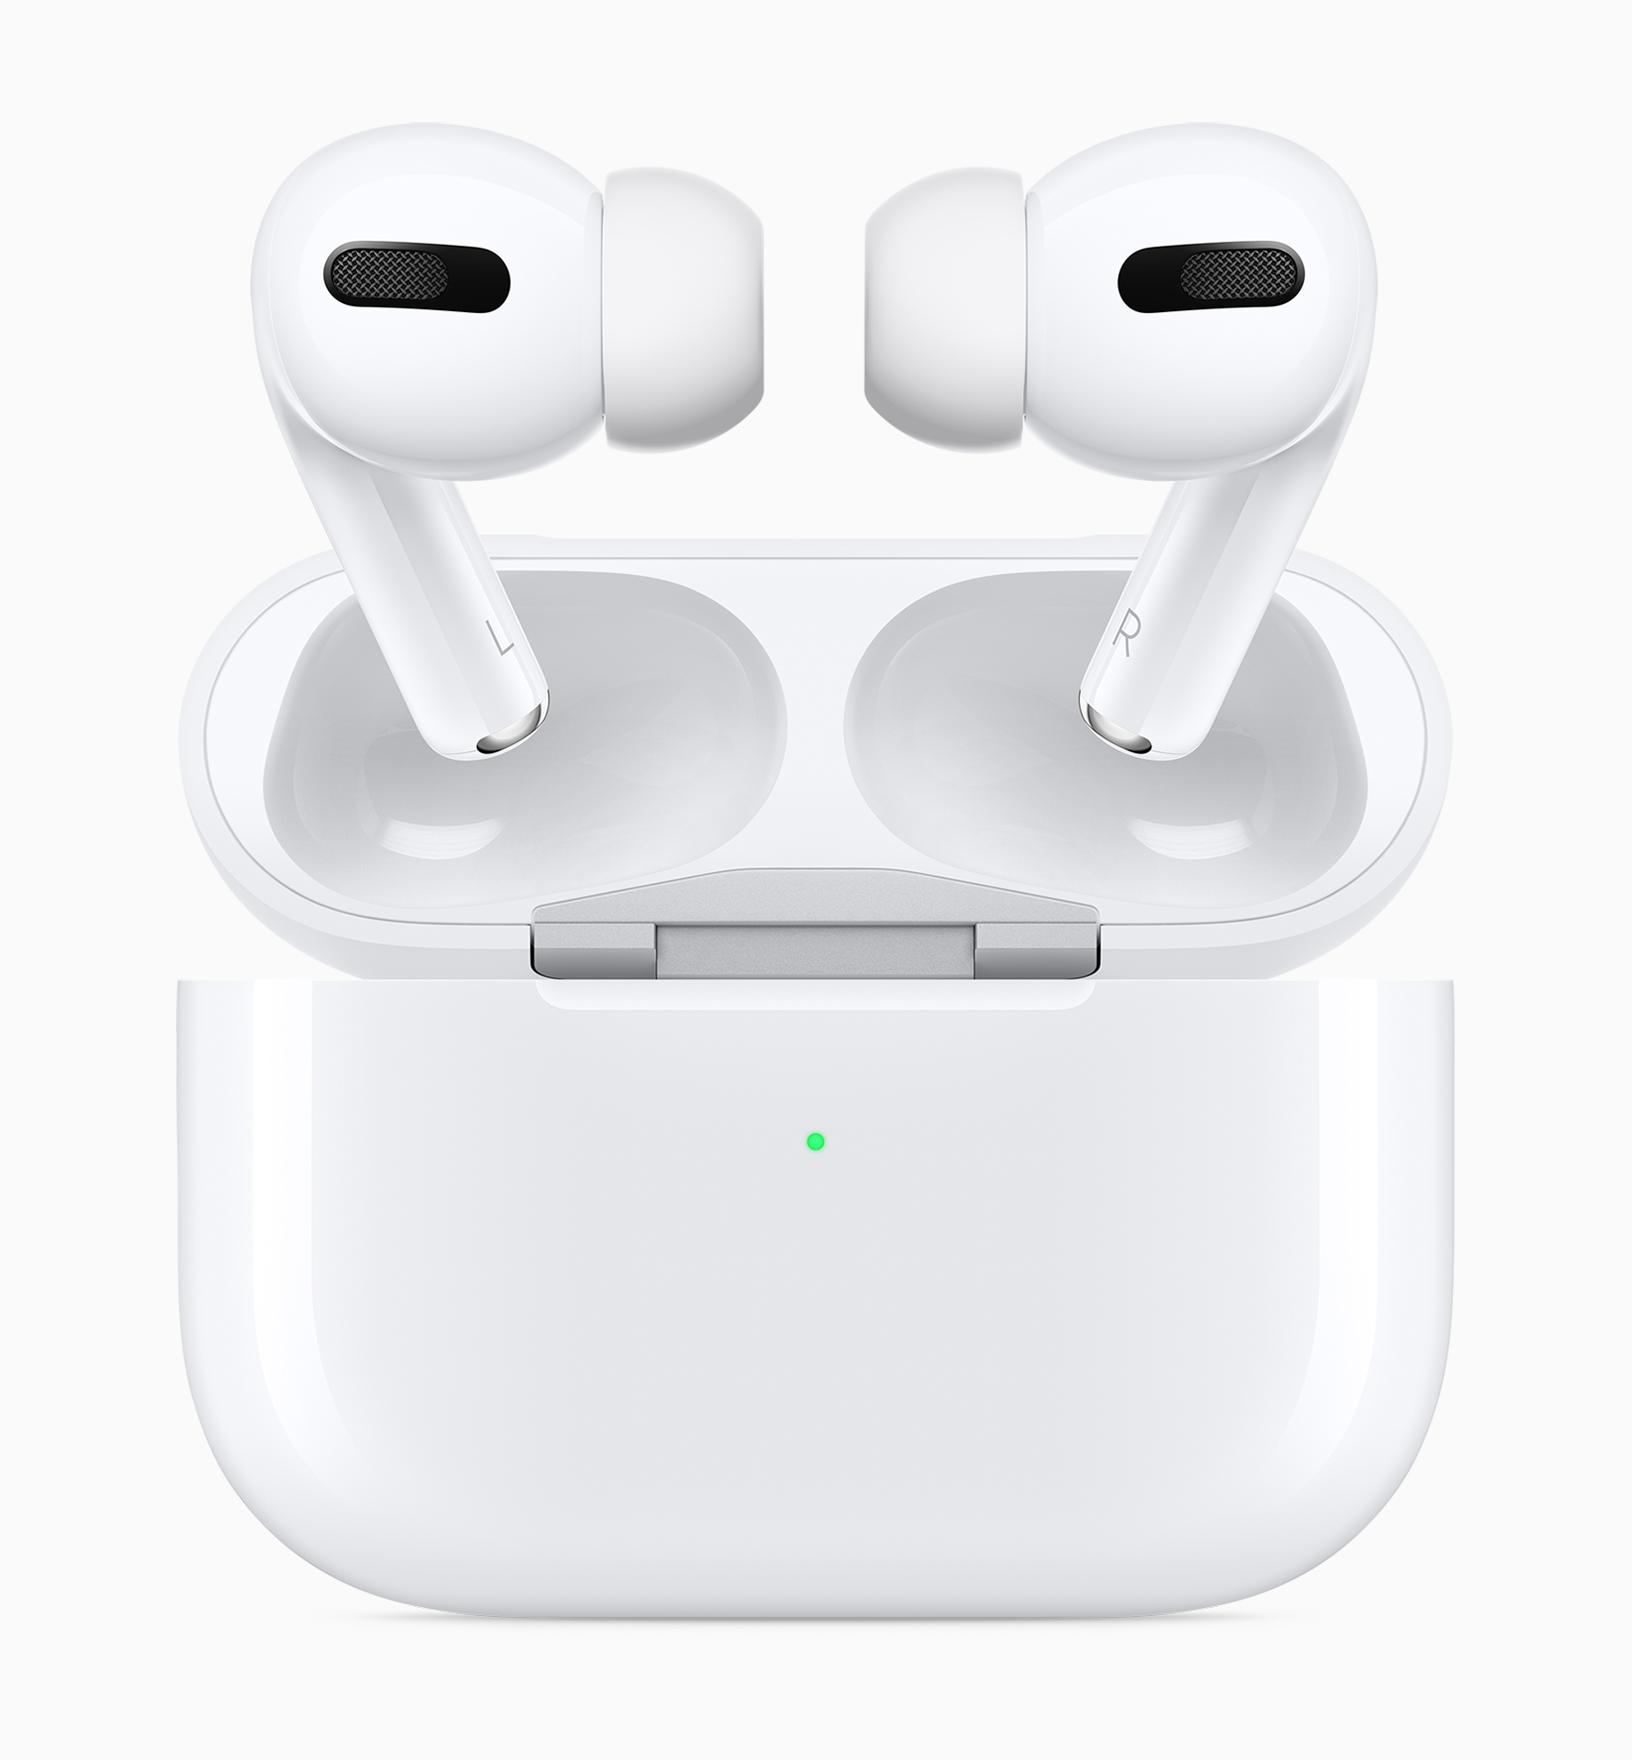 AirPods Pro cena nowe słuchawki bezprzewodowe Apple premiera gdzie kupić najtaniej w Polsce opinie